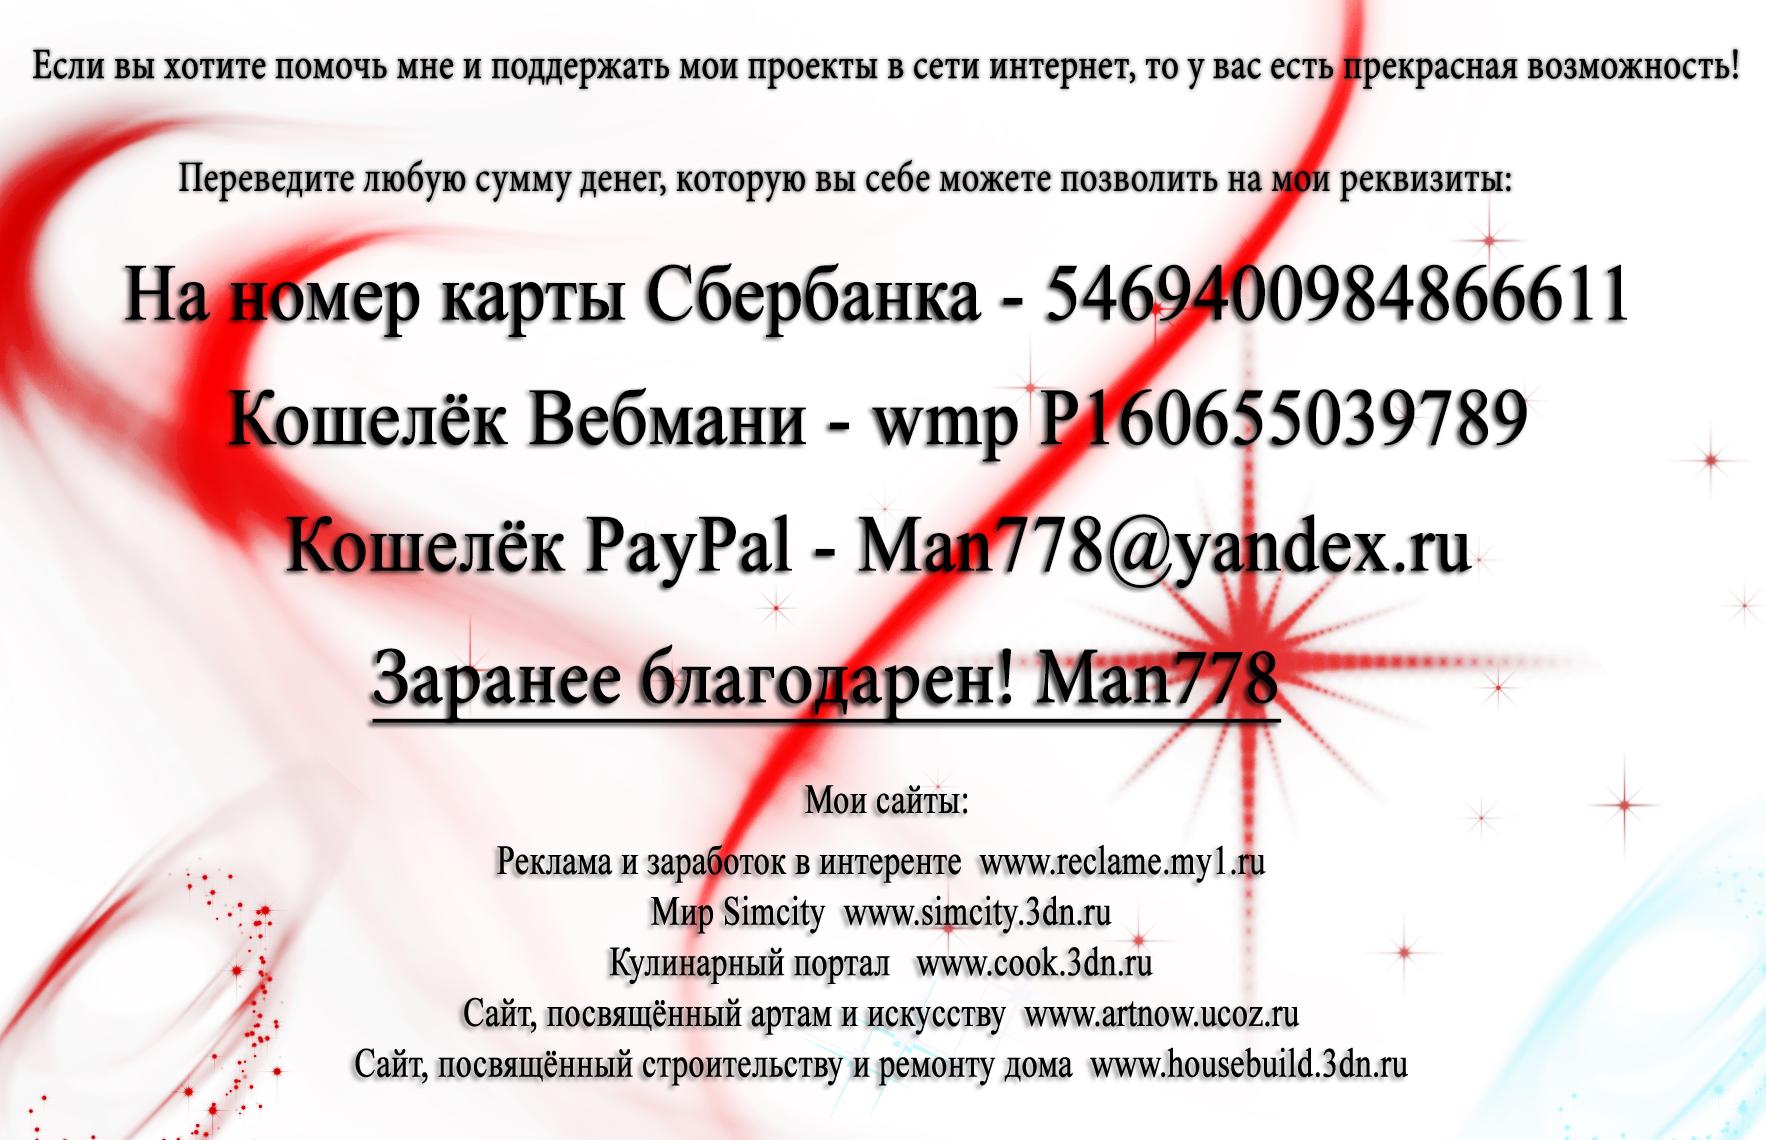 http://man778.narod.ru/4141444.jpg